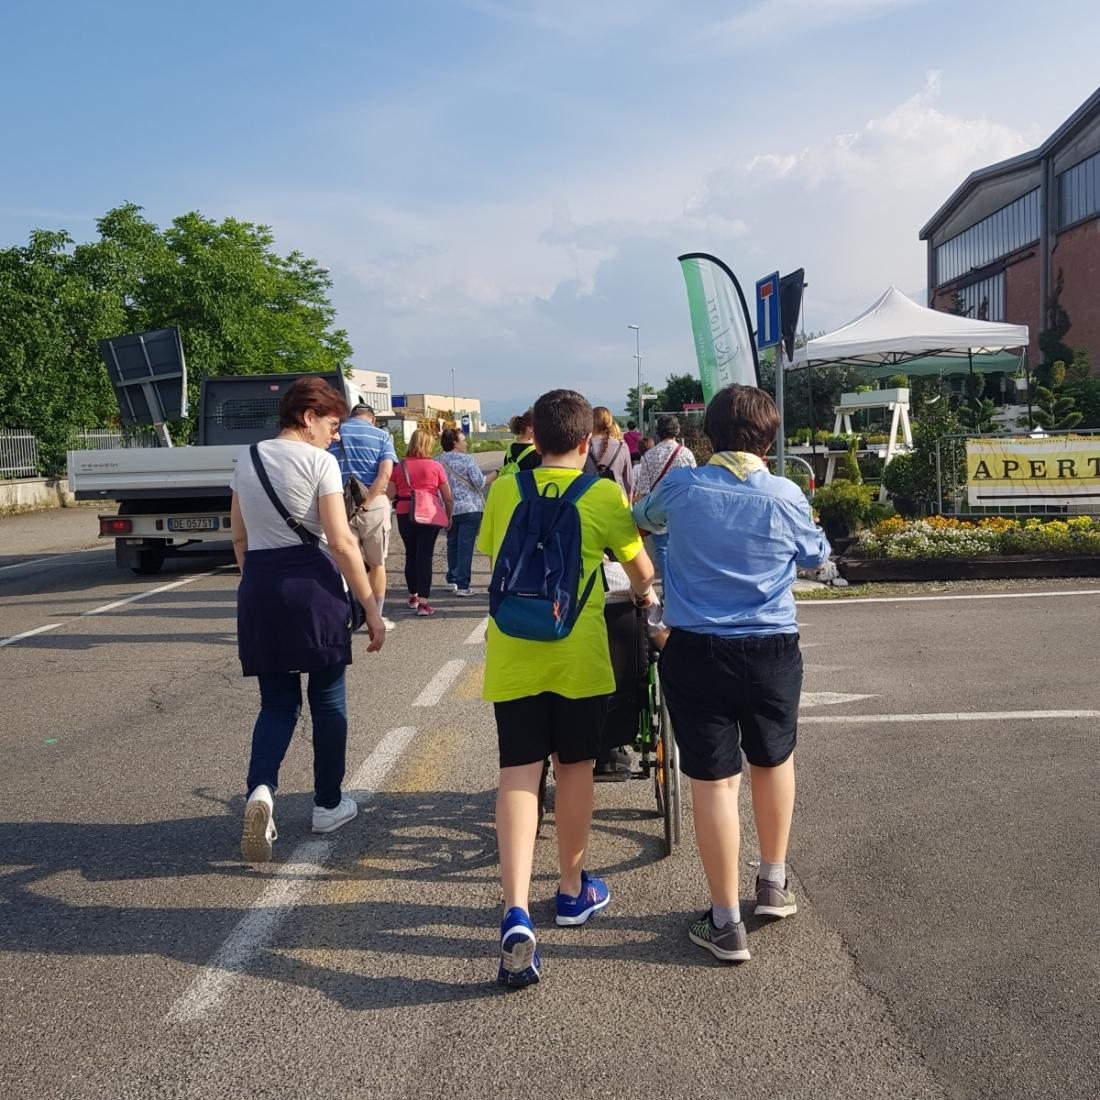 Pellegrinaggio Paderna 2018 (9)